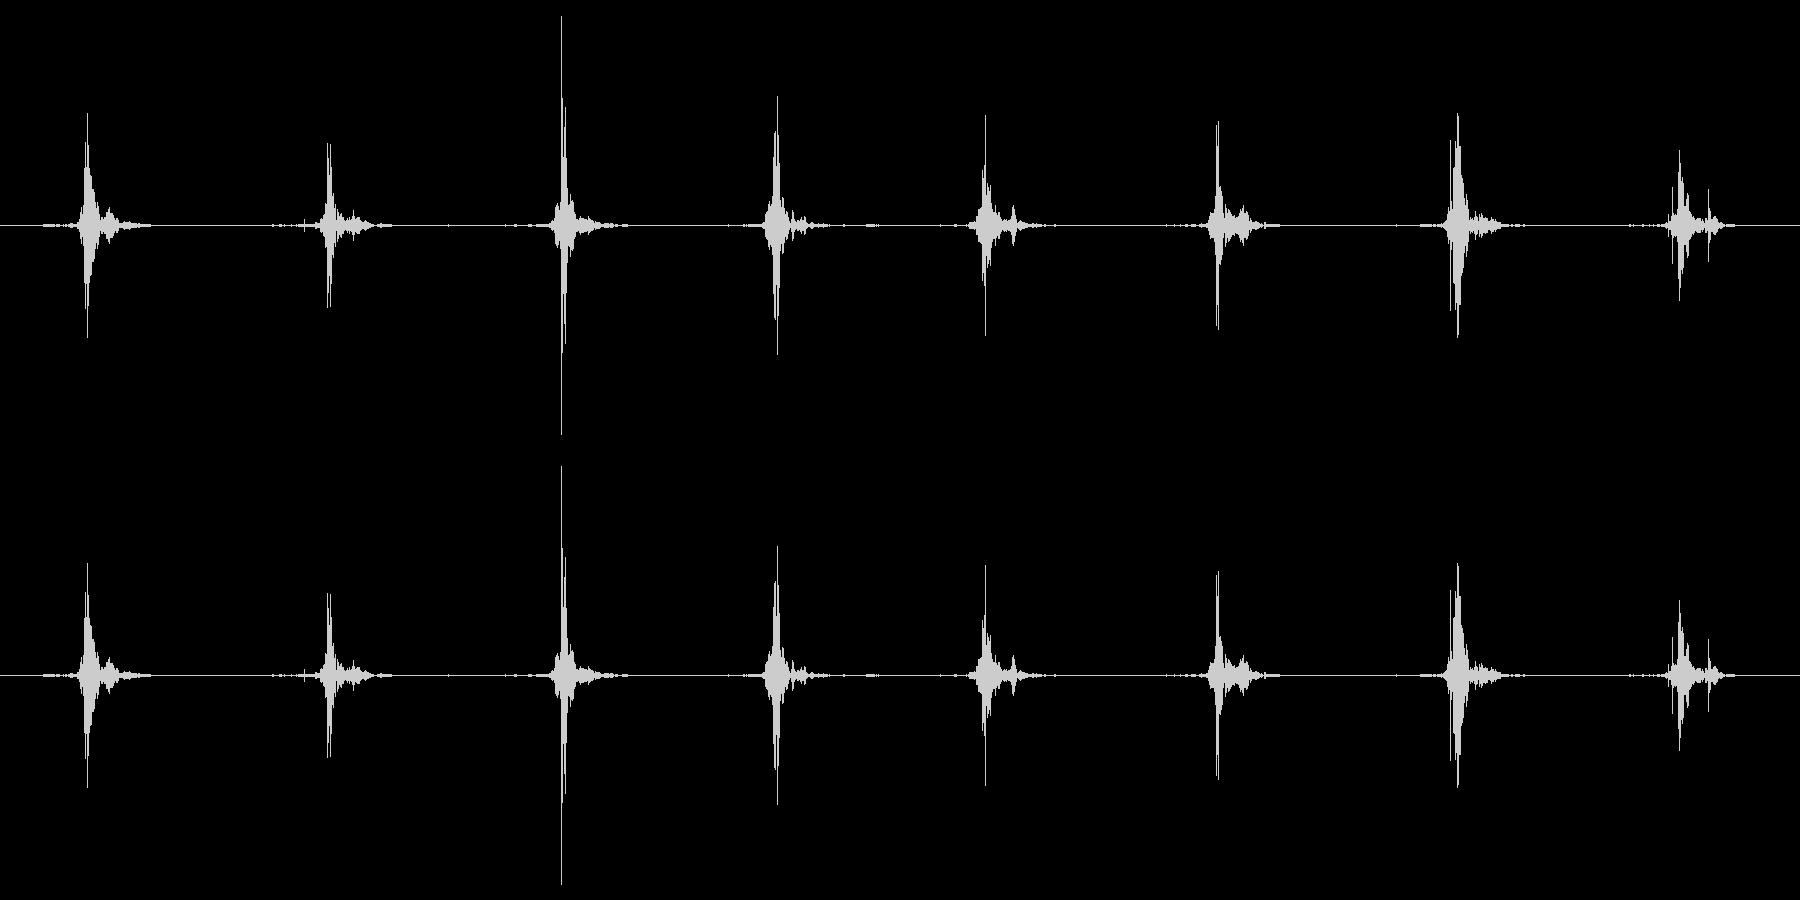 鳥 翼フラップ06の未再生の波形